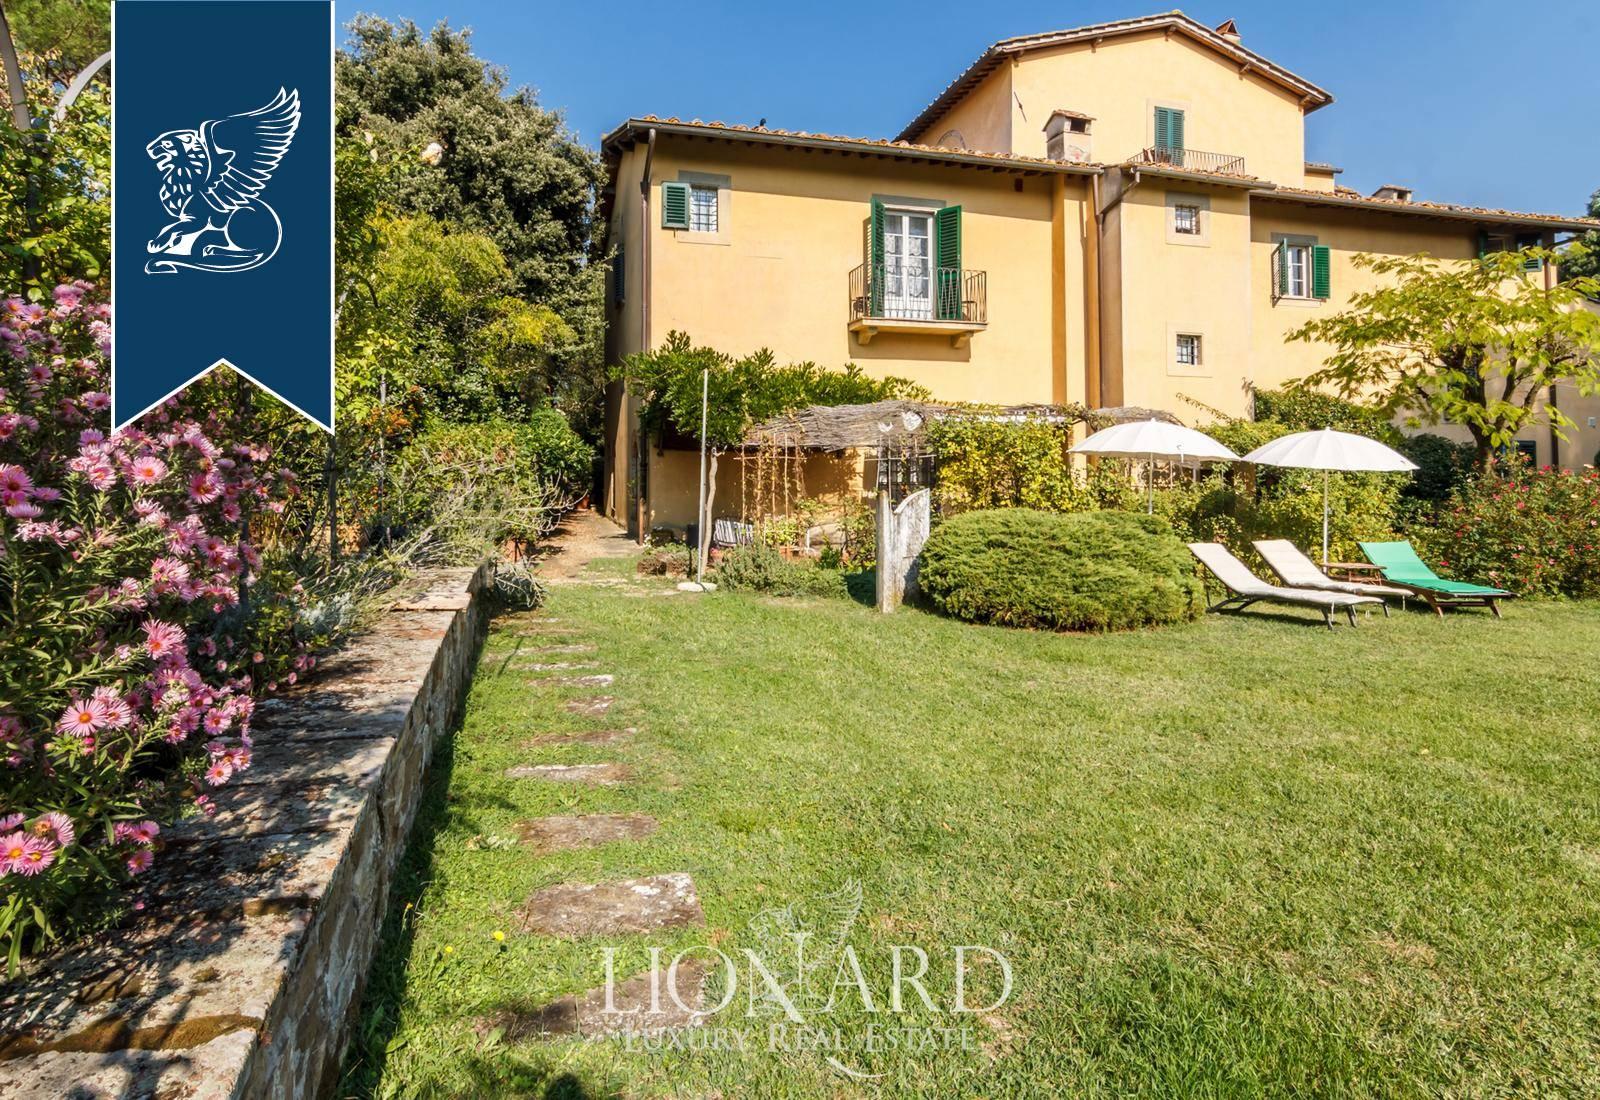 Villa in Vendita a Firenze: 0 locali, 700 mq - Foto 6